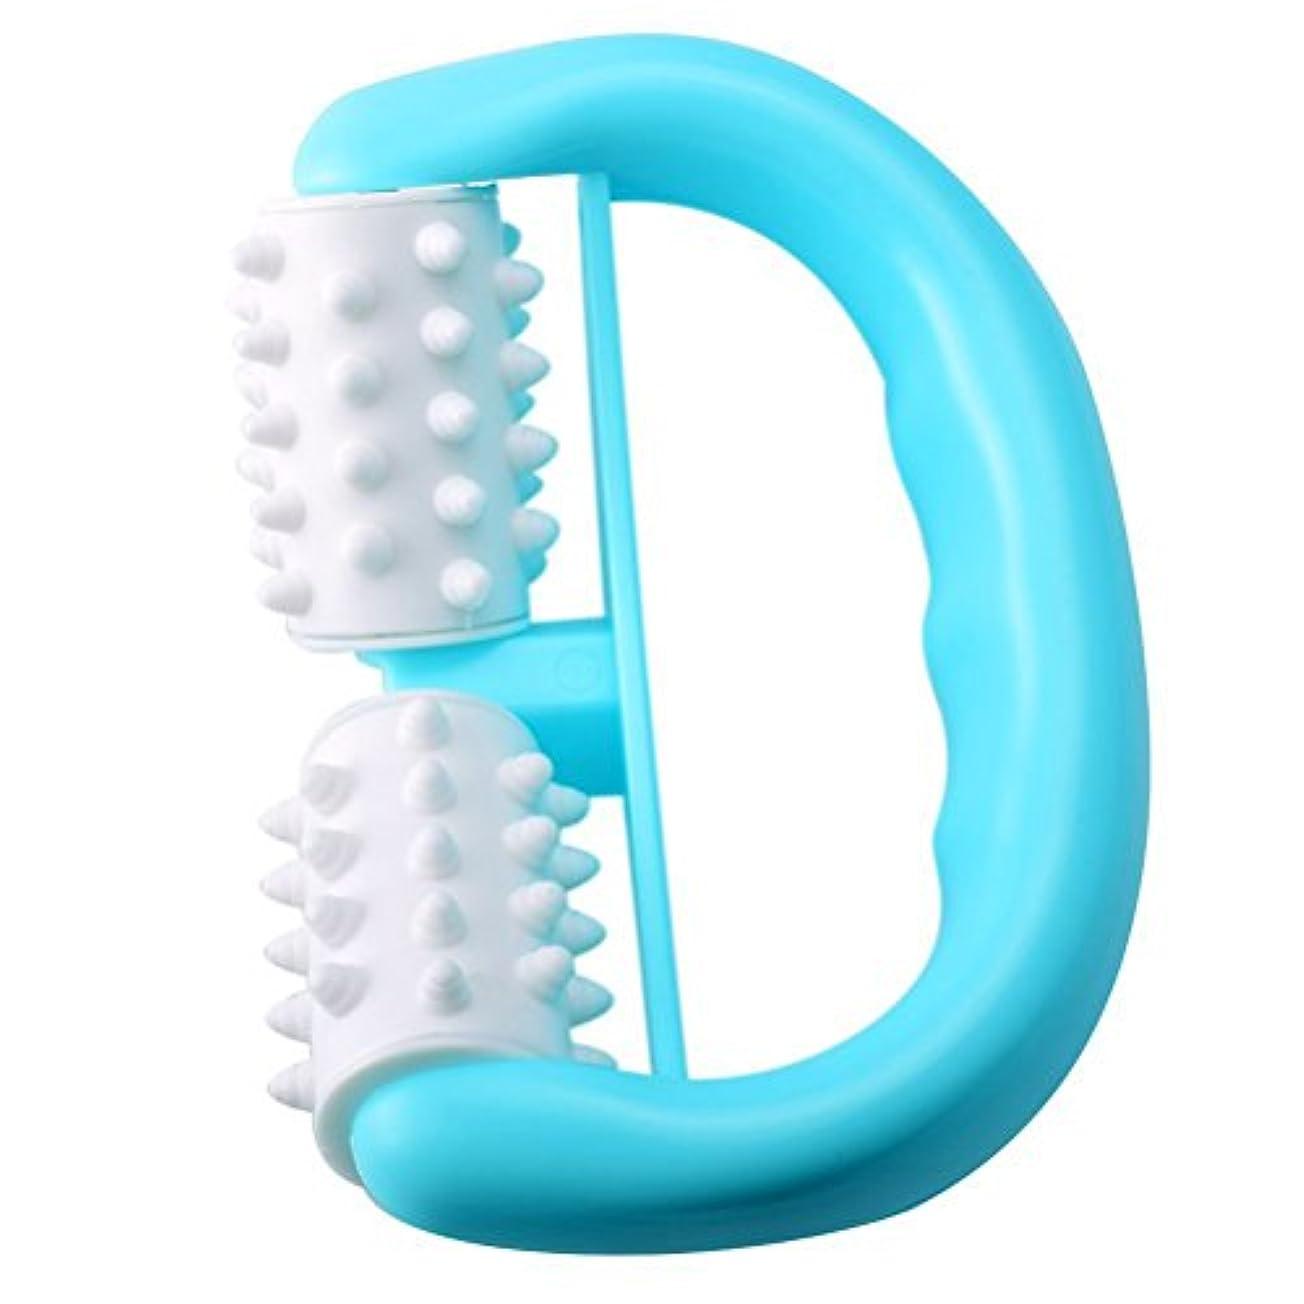 欺く運搬発表するROSENICE セルライトマッサージャー深部組織筋筋肉解放ツールボディセラピーマッサージファットブラスター(青)